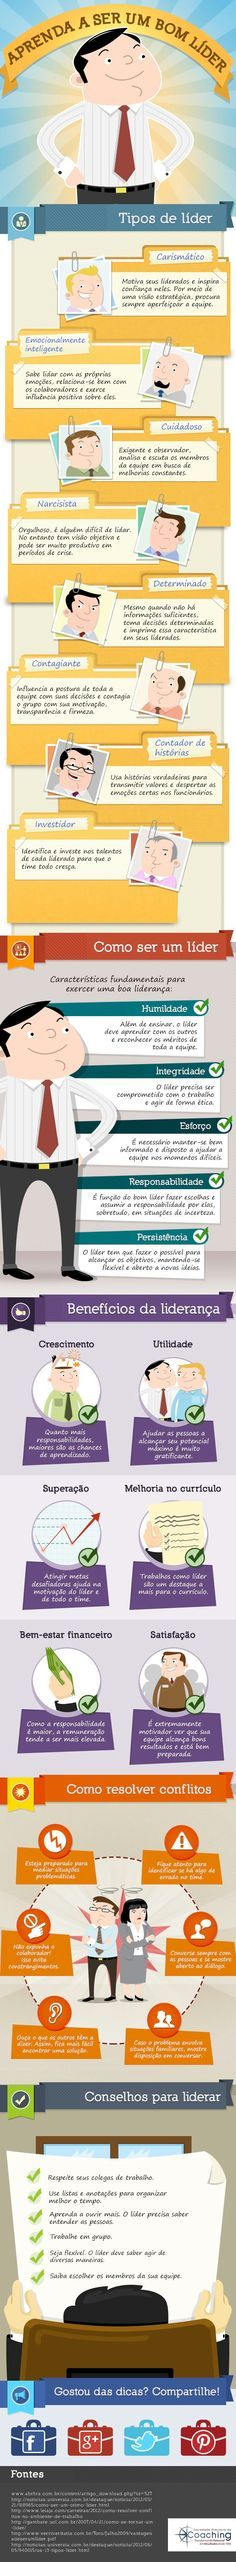 infográfico ser um bom líder